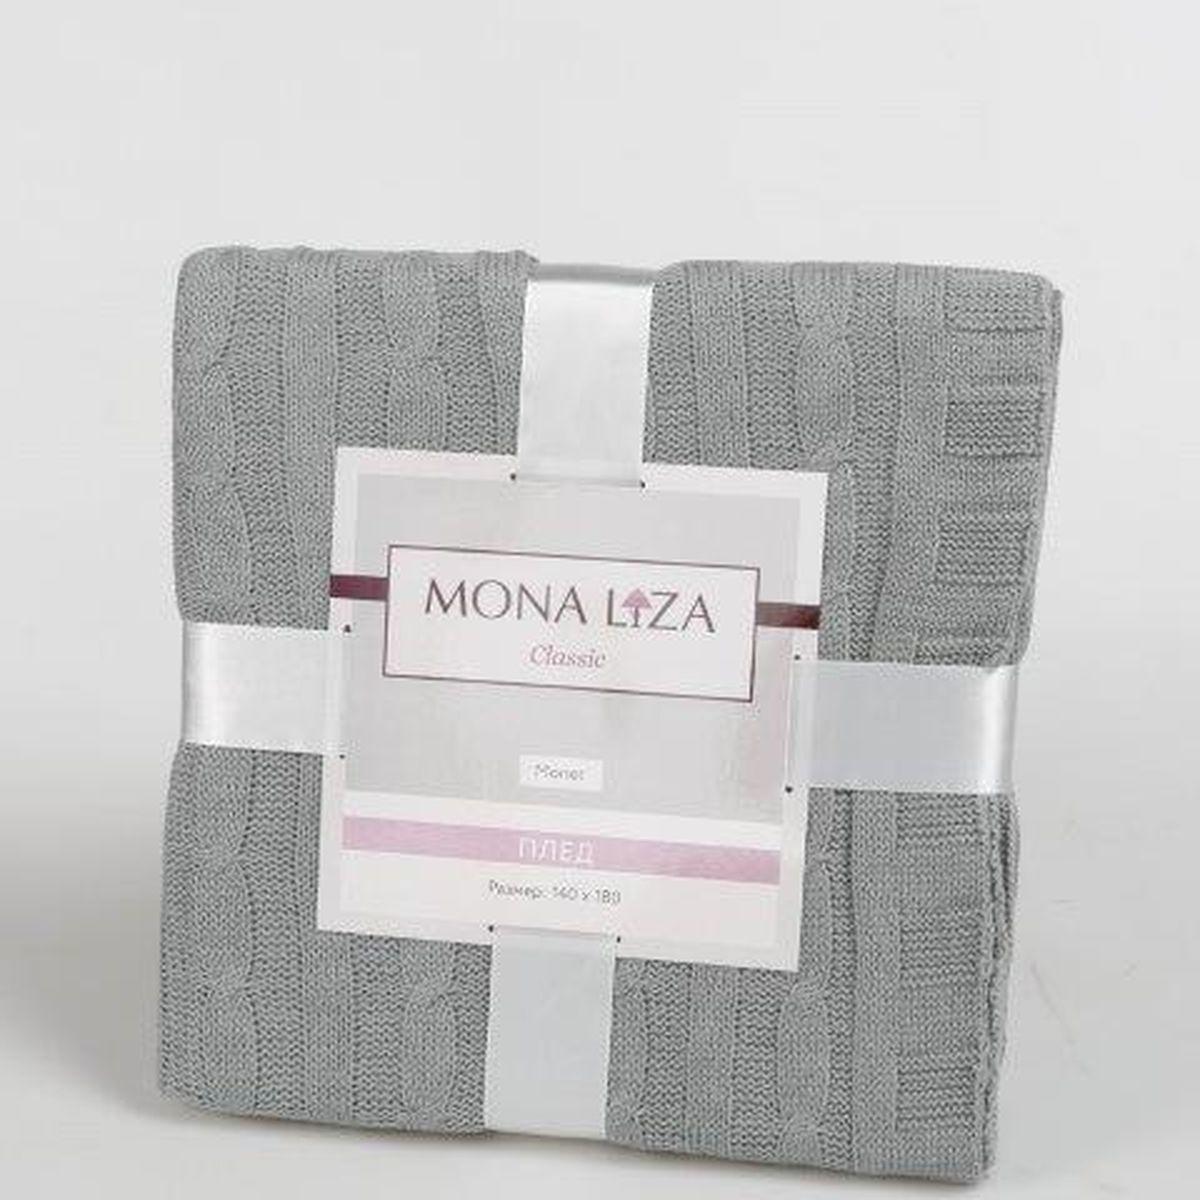 Плед Mona Liza Classic Monet, цвет: серый, 140 х 180 см520403/10Оригинальный вязаный плед Mona Liza Classic Monet послужит теплым, мягким и практичным подарком близким людям. Плед изготовлен из высококачественного 100% акрила. Яркий и приятный на ощупь плед Mona Liza Classic Monet станет отличным дополнением в вашем интерьере.